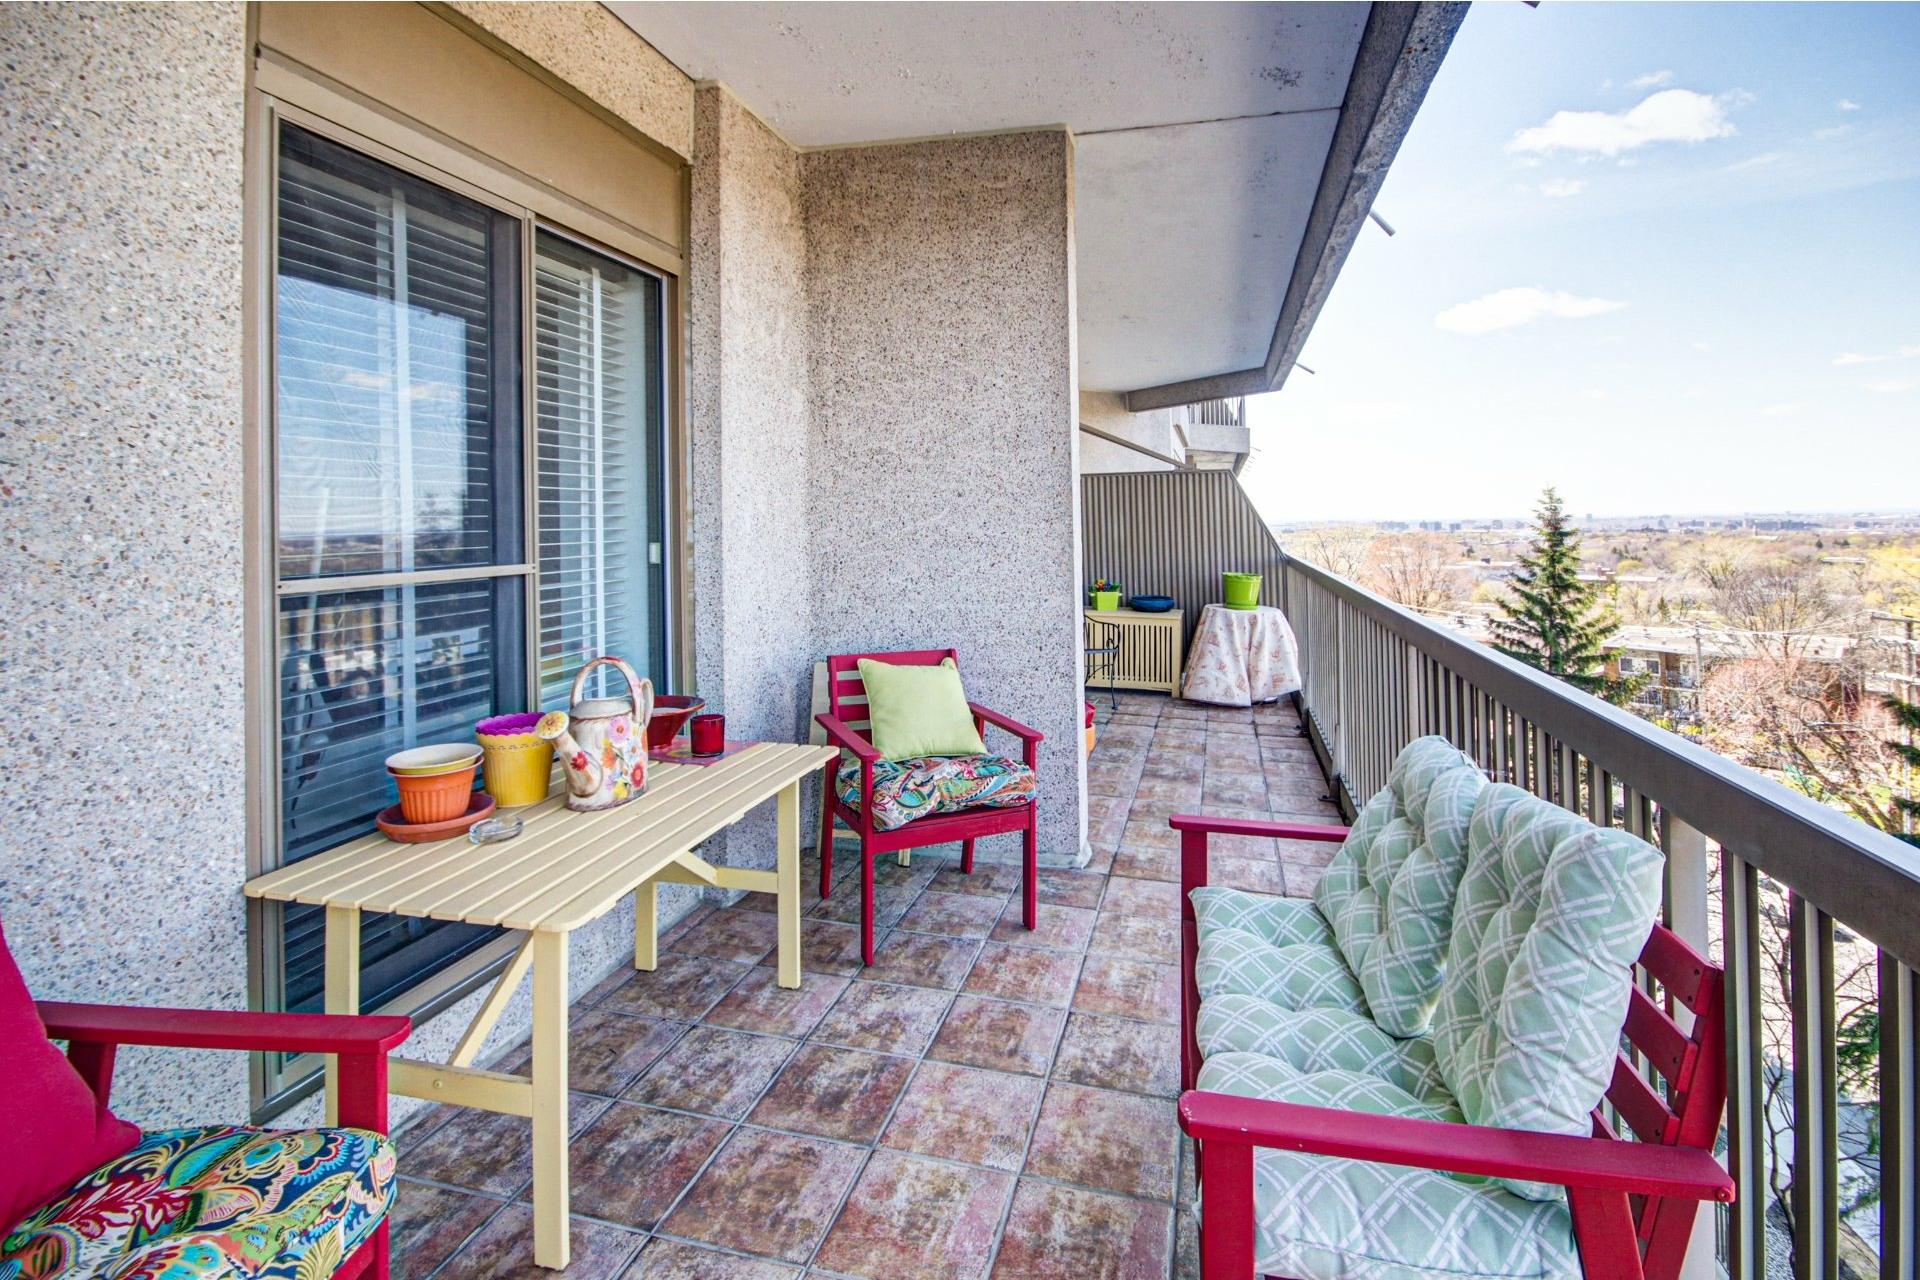 image 51 - Apartment For sale Côte-des-Neiges/Notre-Dame-de-Grâce Montréal  - 5 rooms